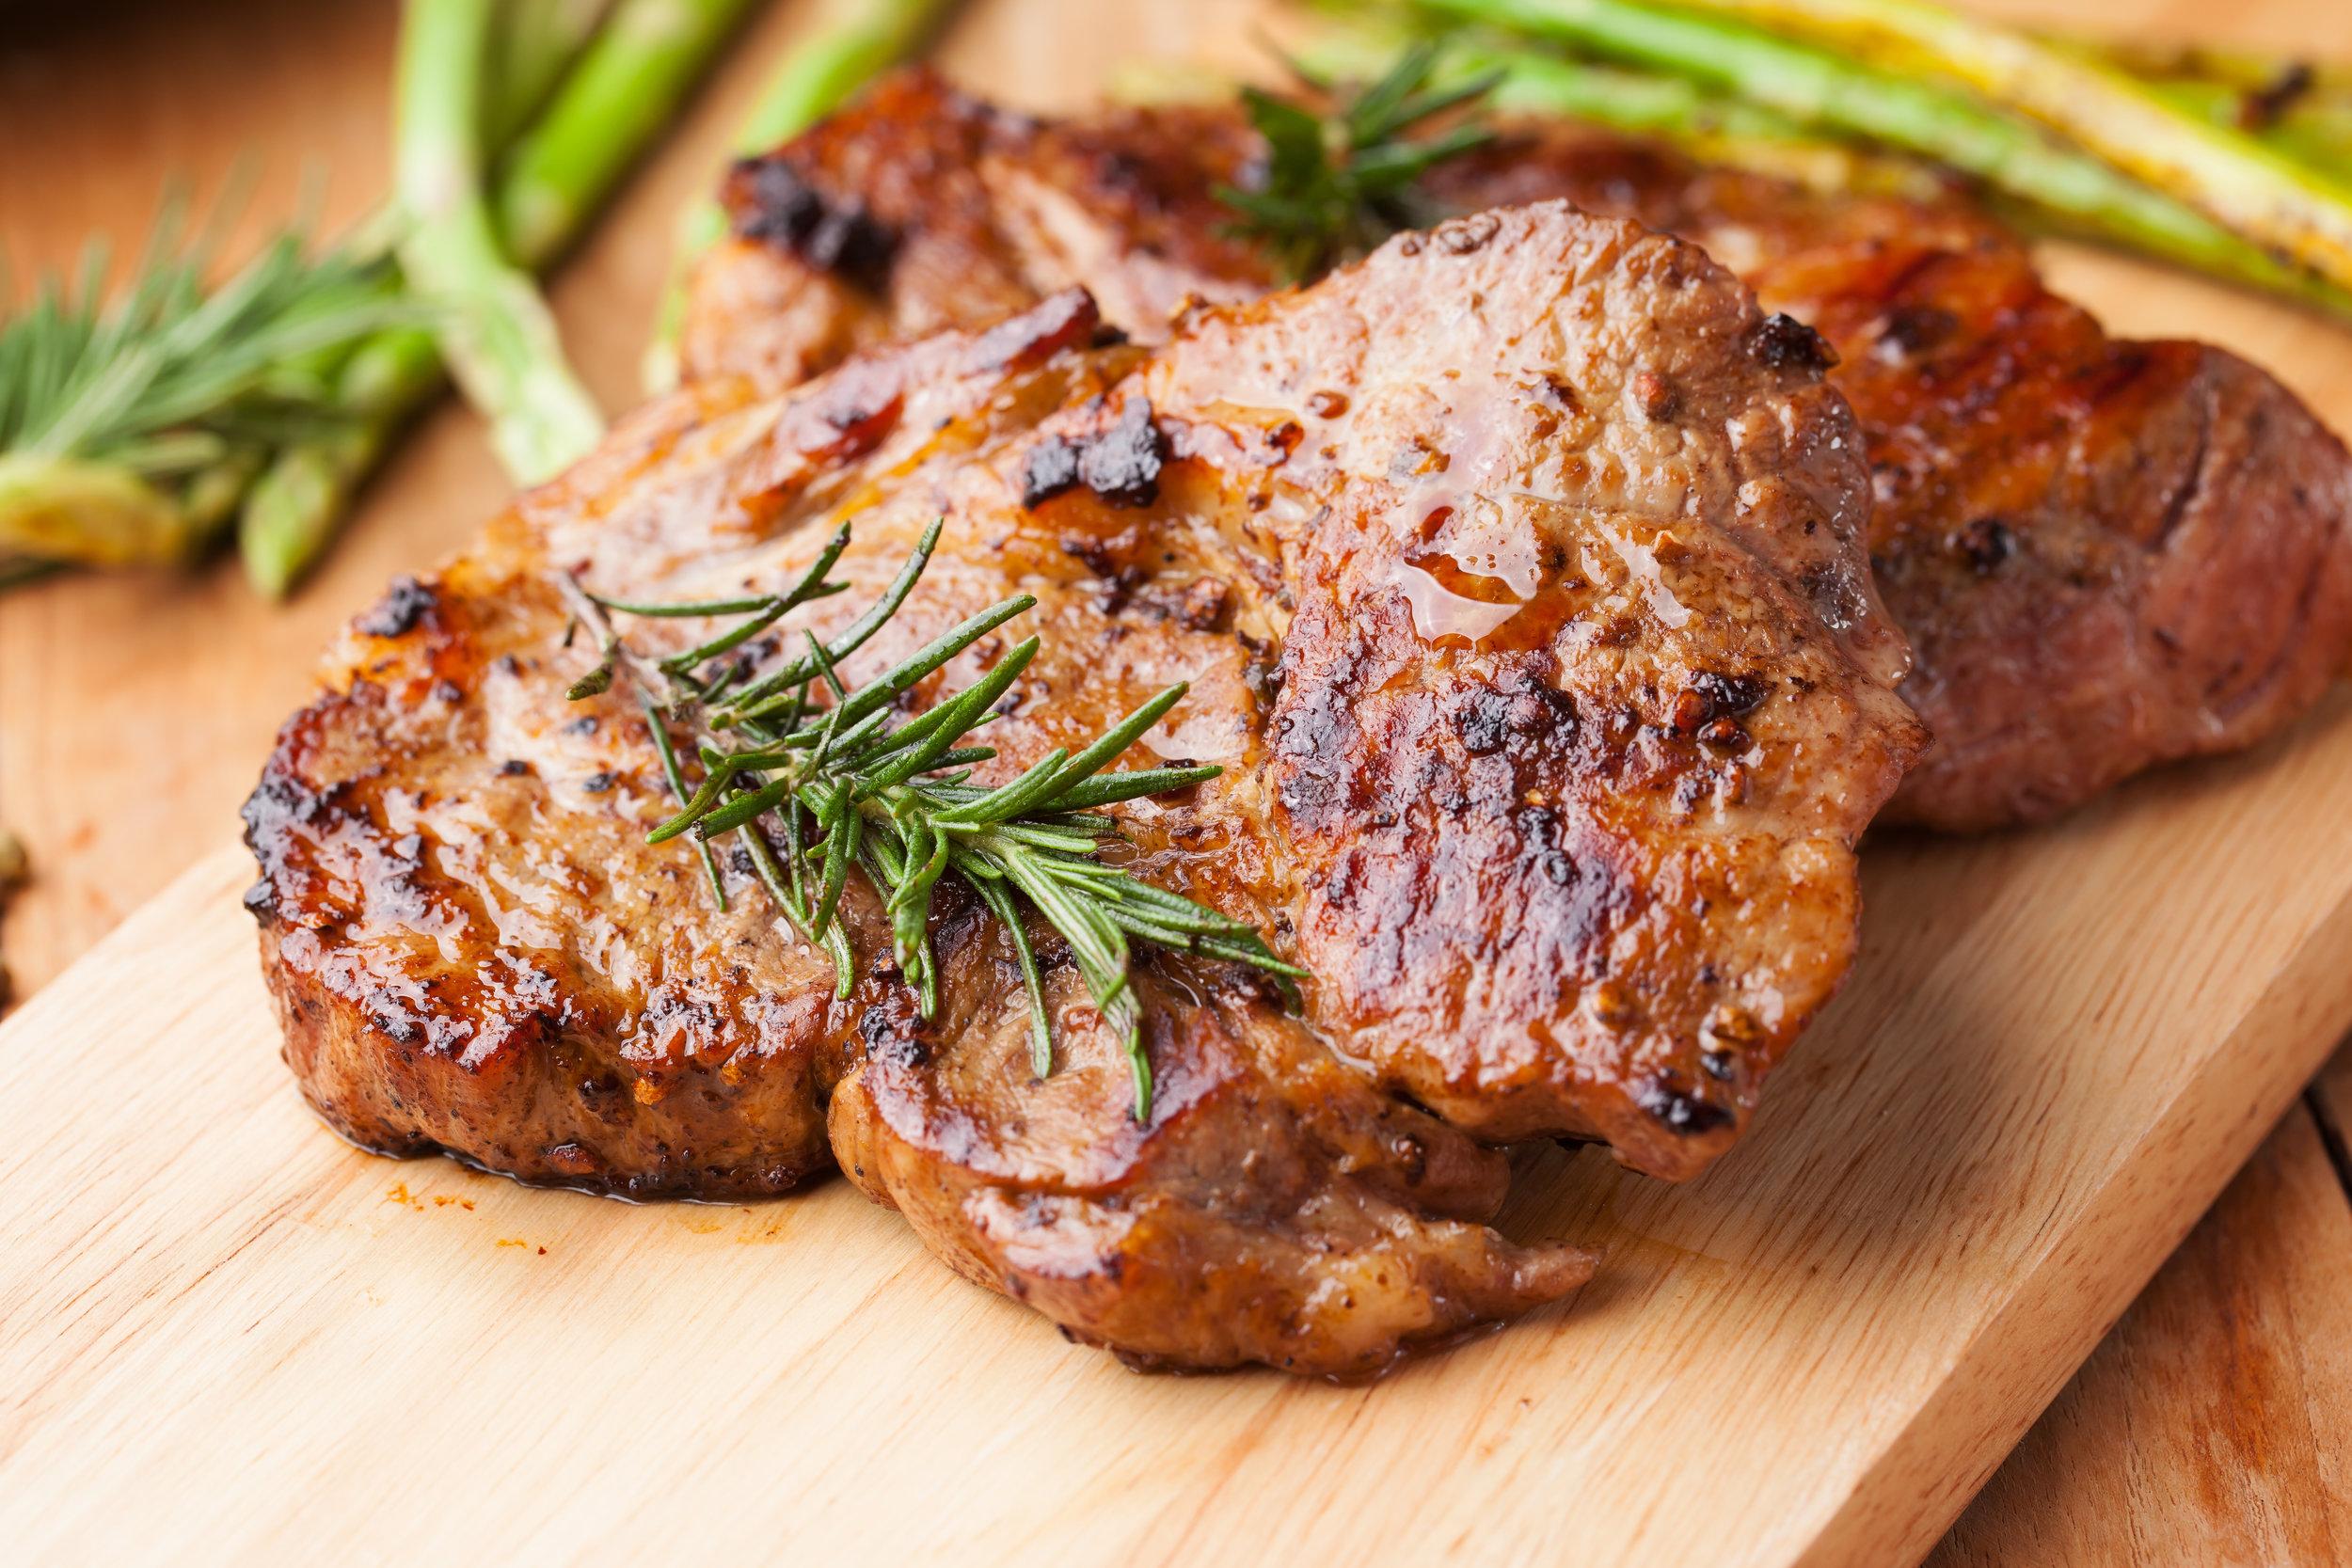 Bone-In Pork Chop